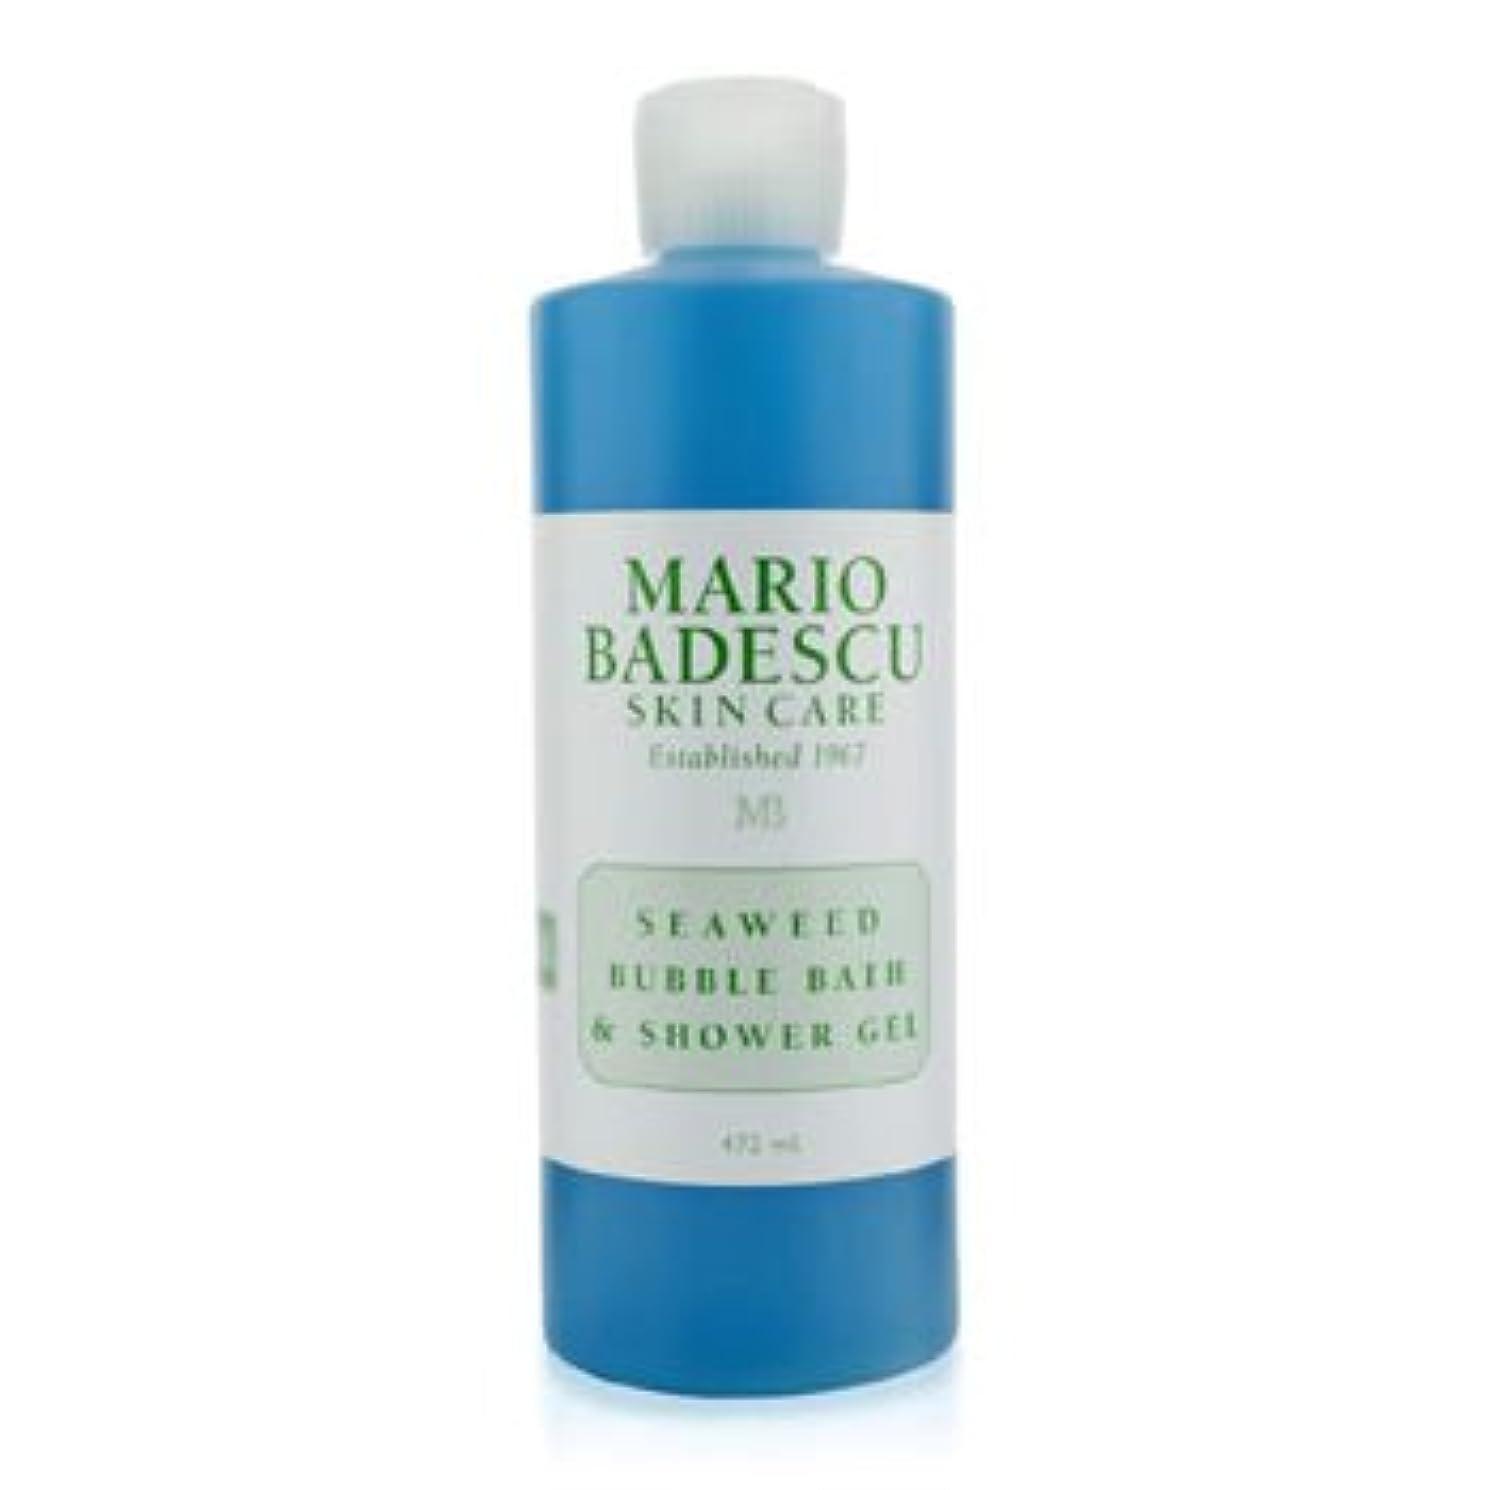 輸血手術ブレイズ[Mario Badescu] Seaweed Bubble Bath & Shower Gel 472ml/16oz